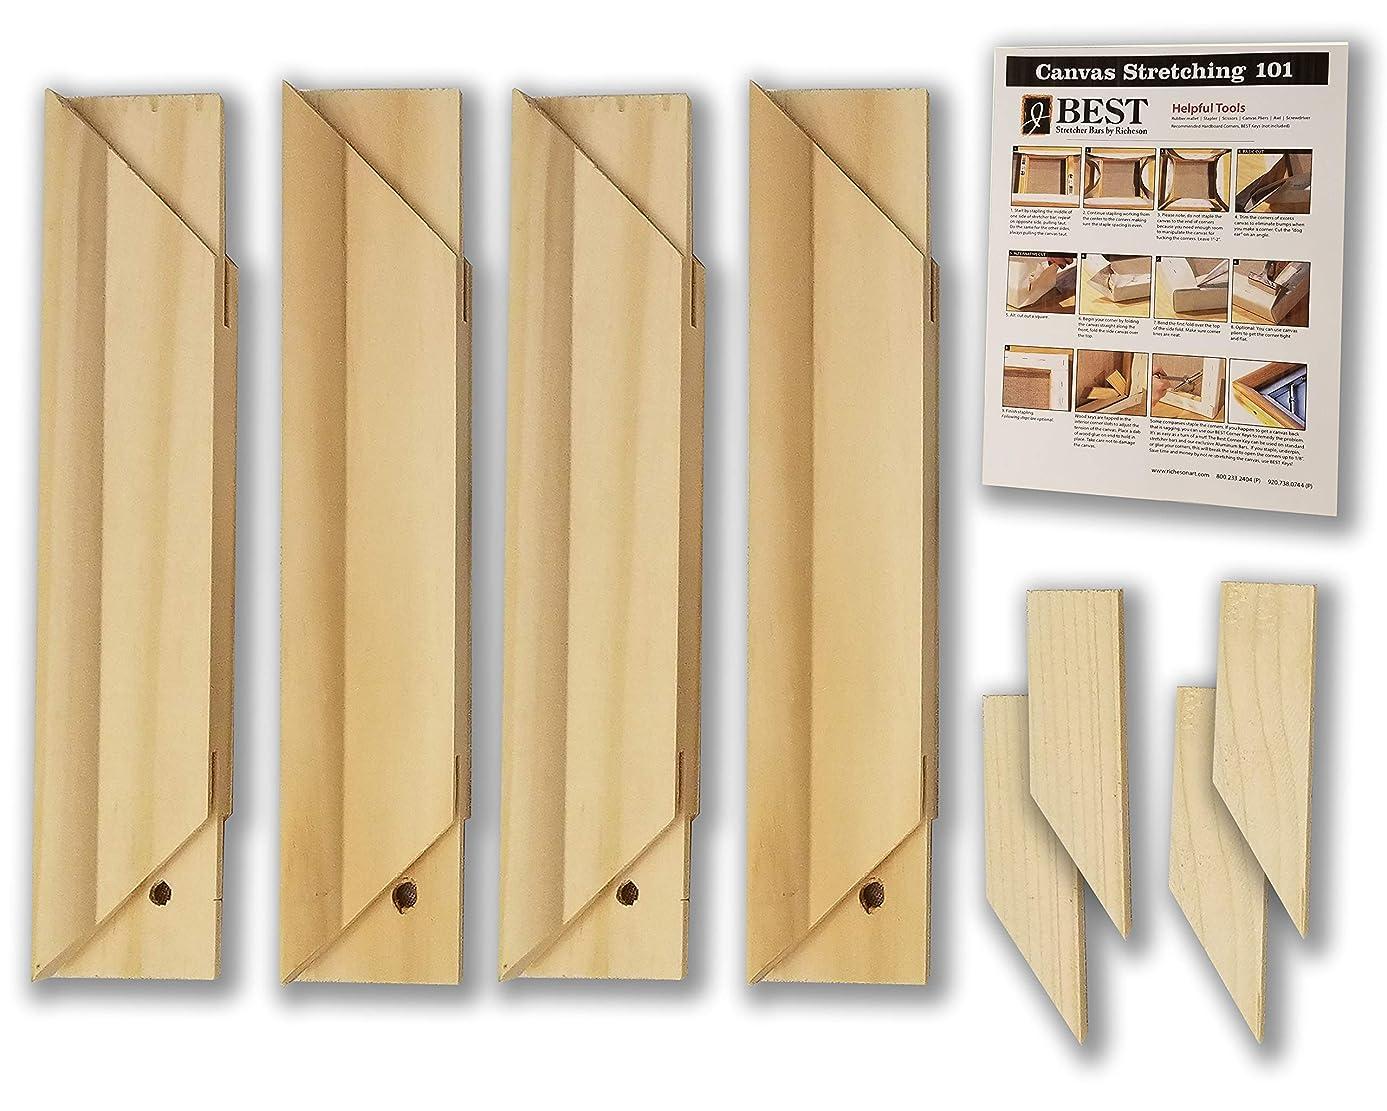 Stretcher Bar Bundle-Jack Richeson Medium Duty Stretcher Bars, 12 Qty 4; Wood Keys; Canvas Stretching 101 Guide (9 Items)